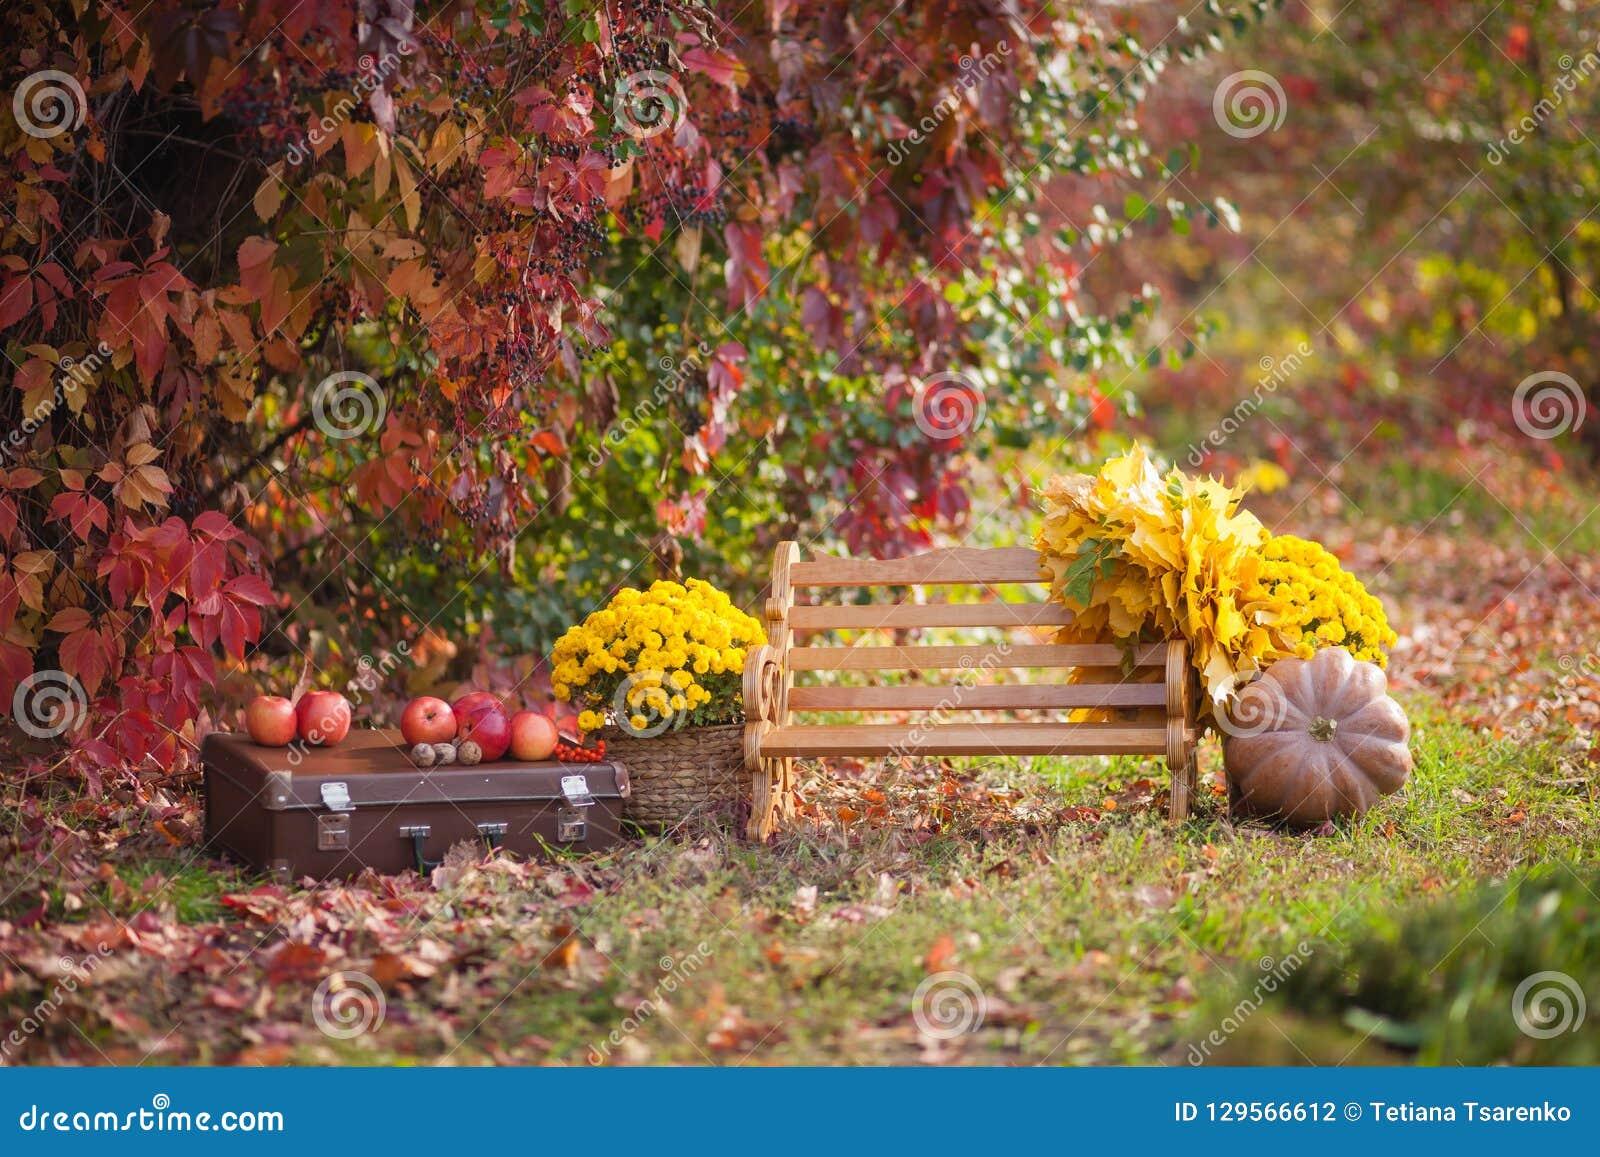 Träbänken i hösten parkerar, en bröstkorg, blommor, pumpor med äpplen, atmosfärisk höst